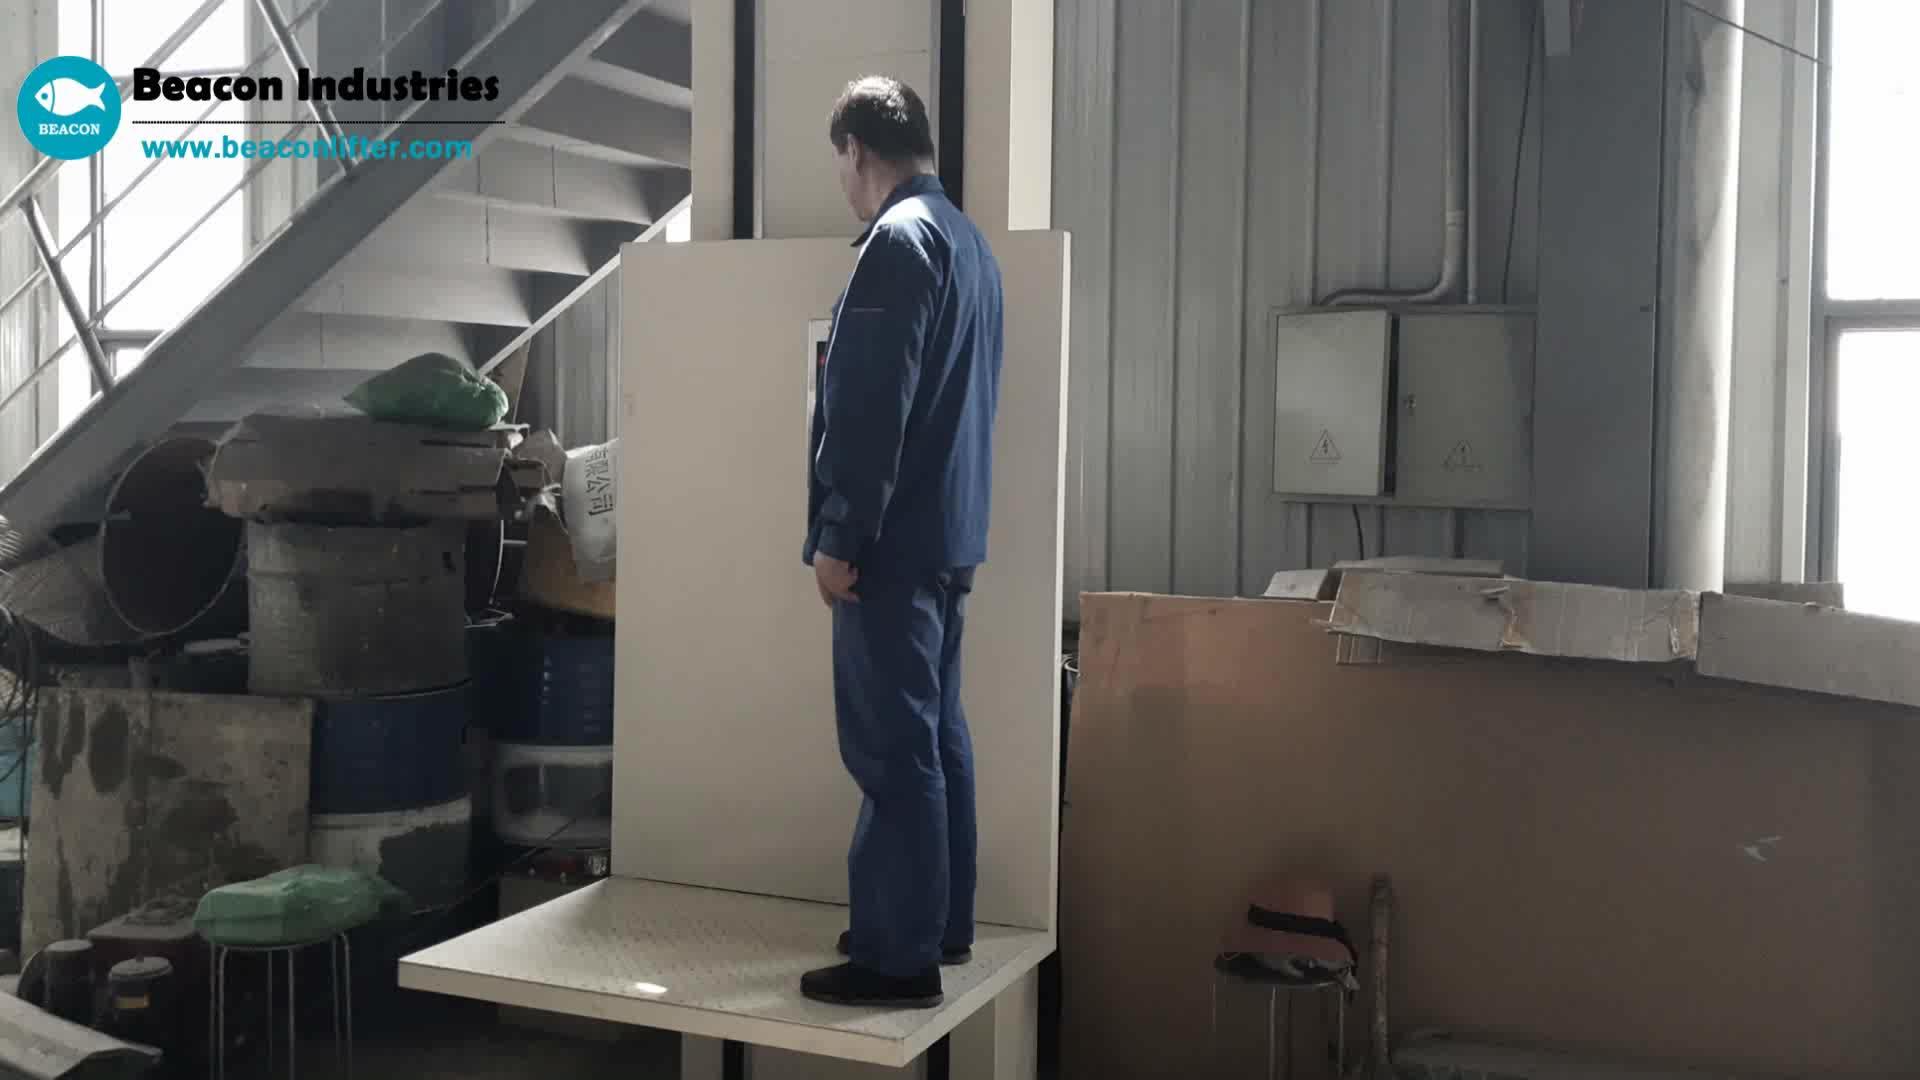 Erste klasse 3m hubhöhe leiter lift für behinderte menschen rollstuhl lift für passagier mit kabine